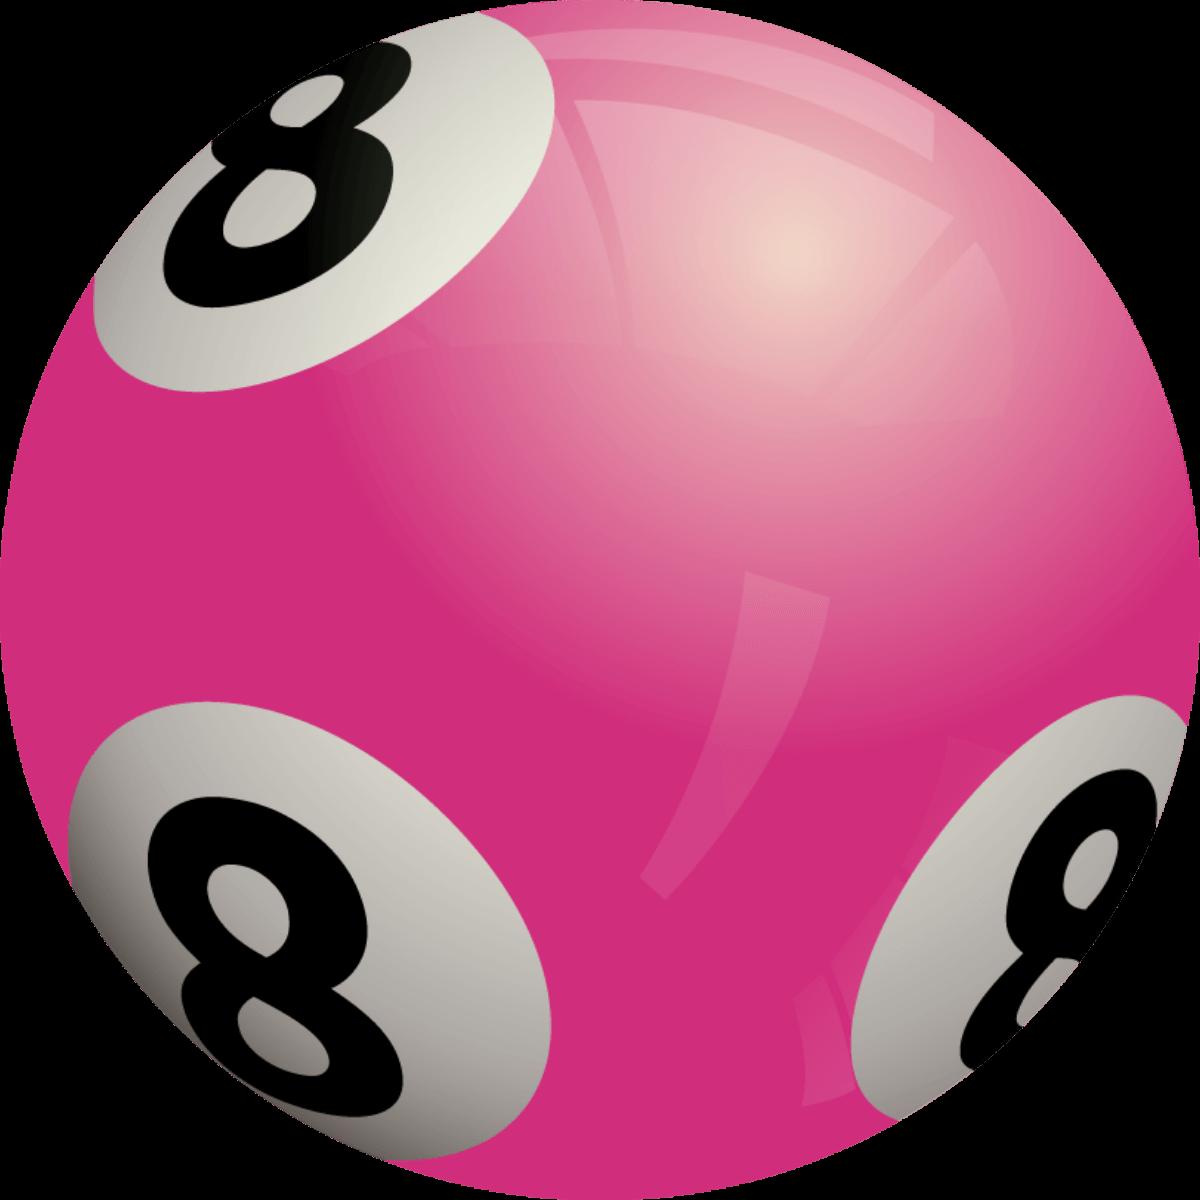 Bingo ball 1